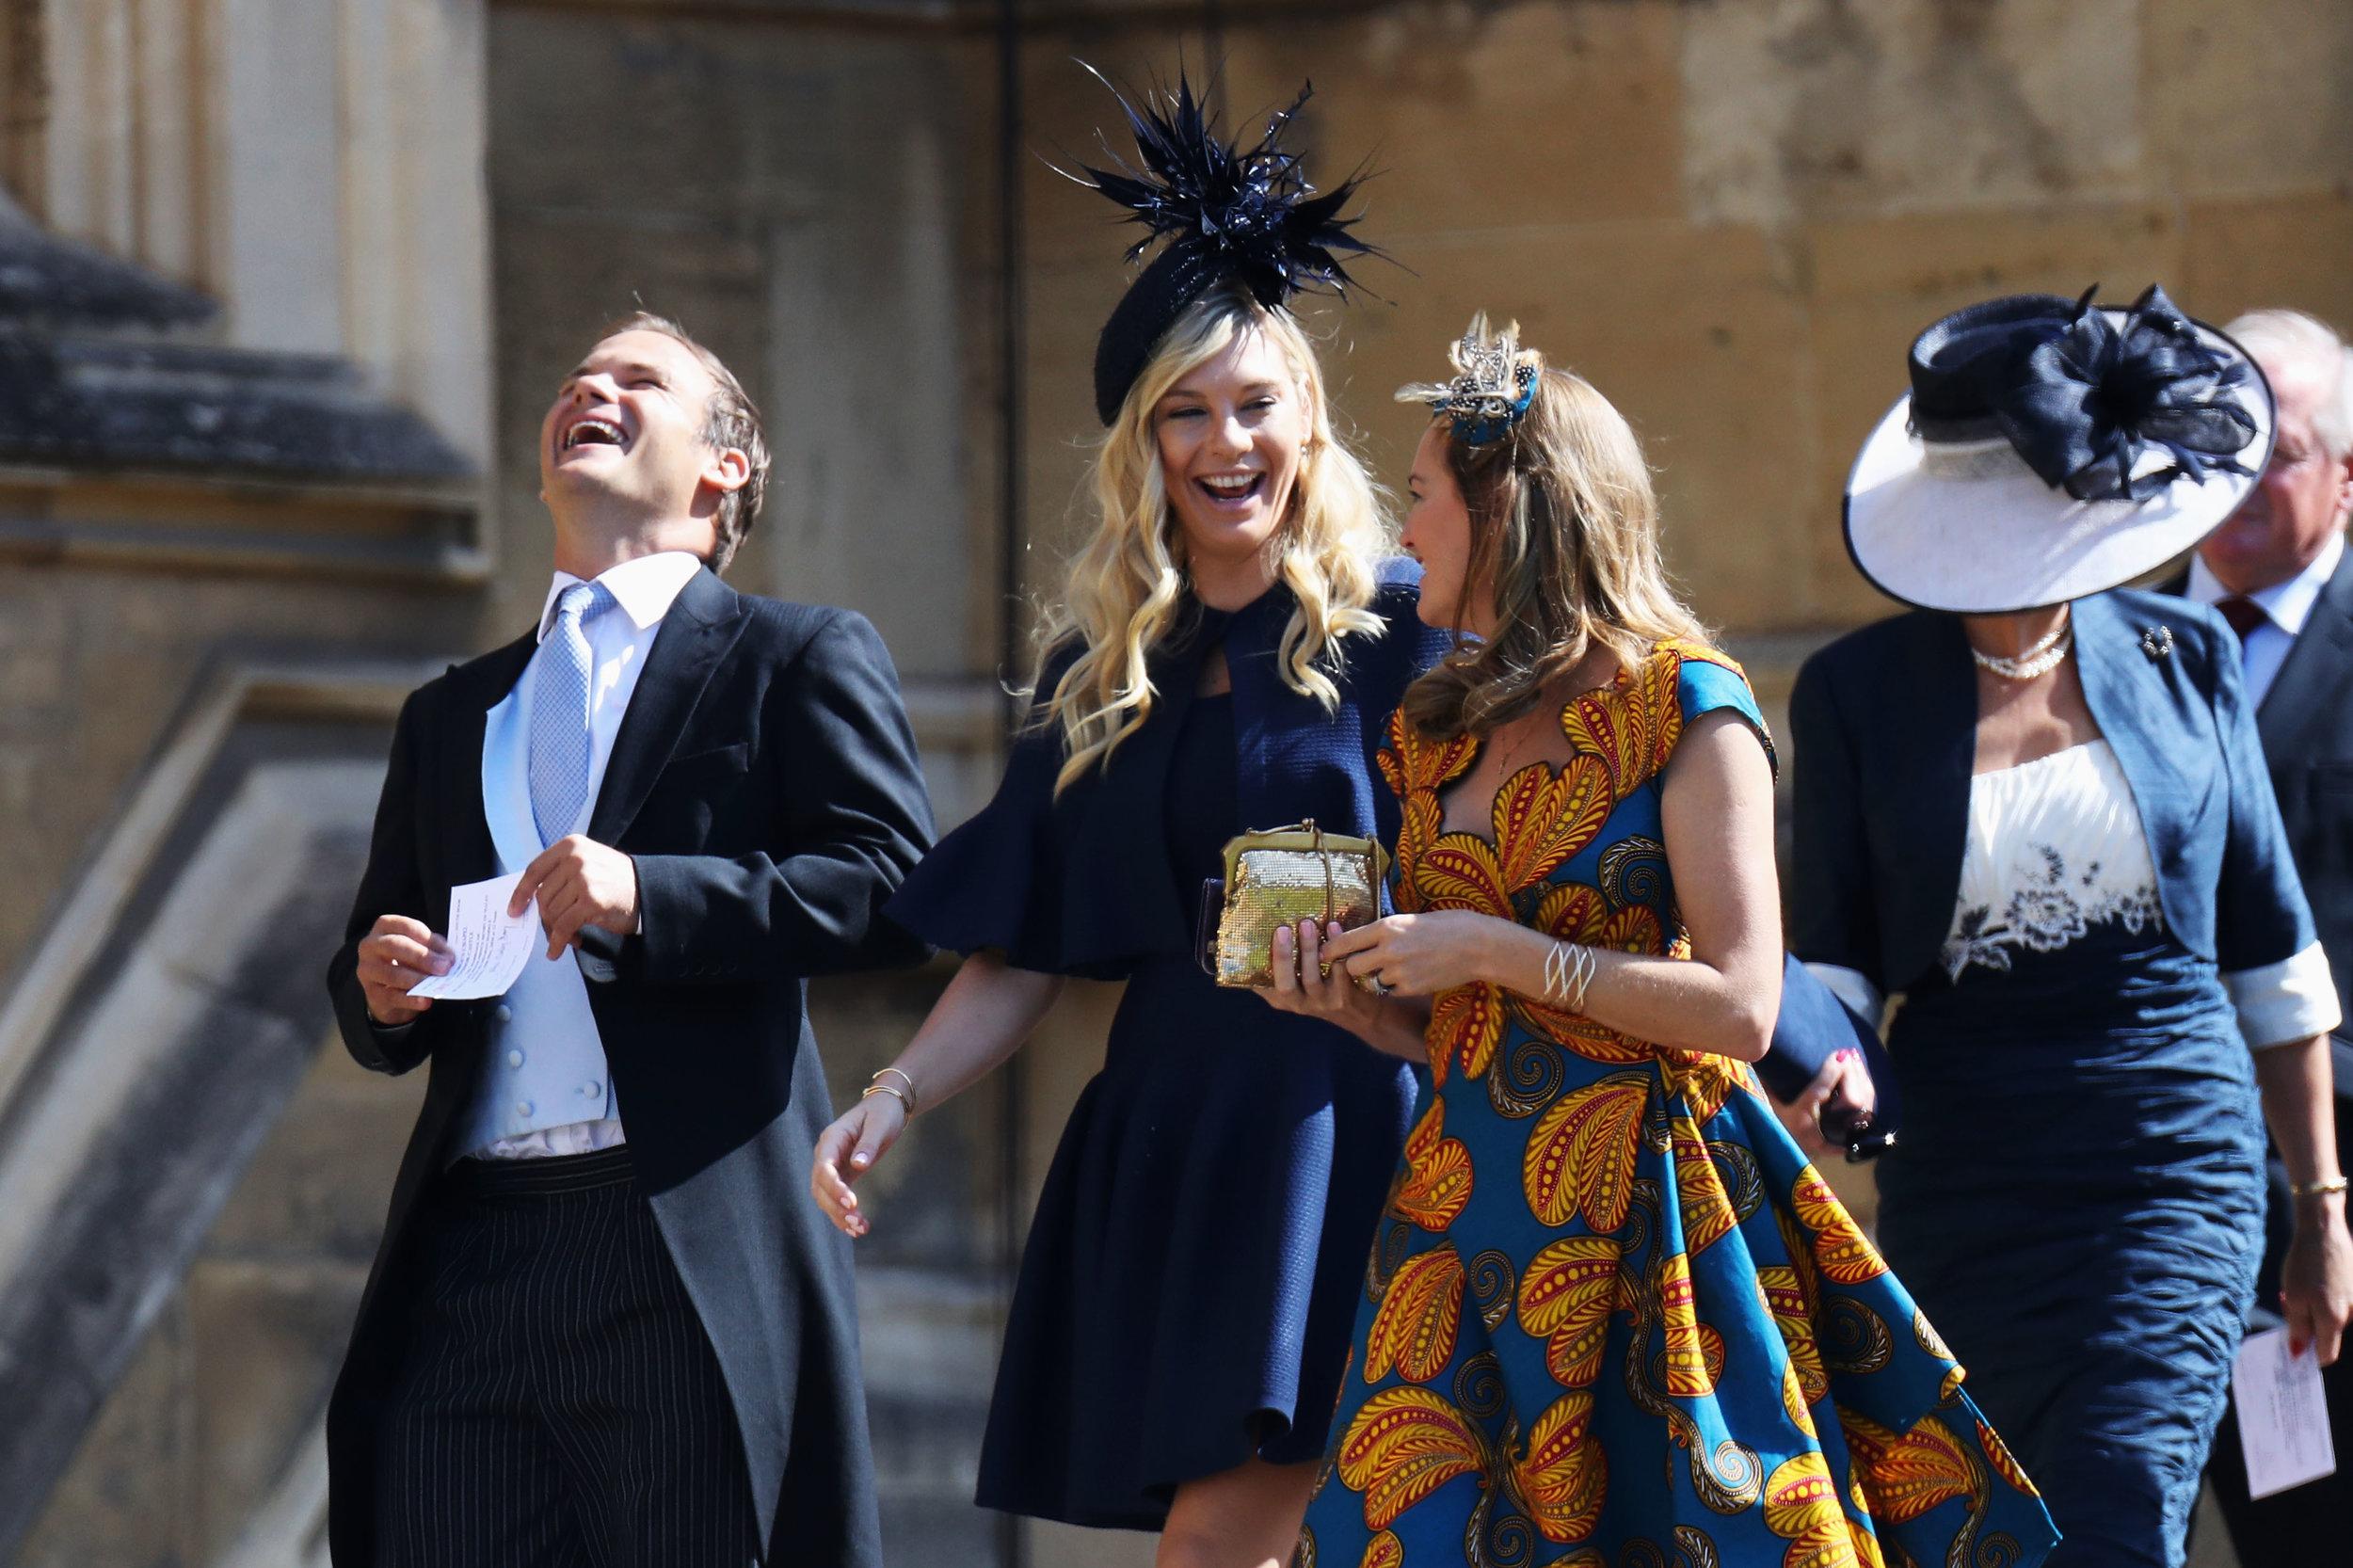 Gute Laune vor der Hochzeit. Chelsy Davy ulkt mit ihren Begleitern.  ©Getty Images